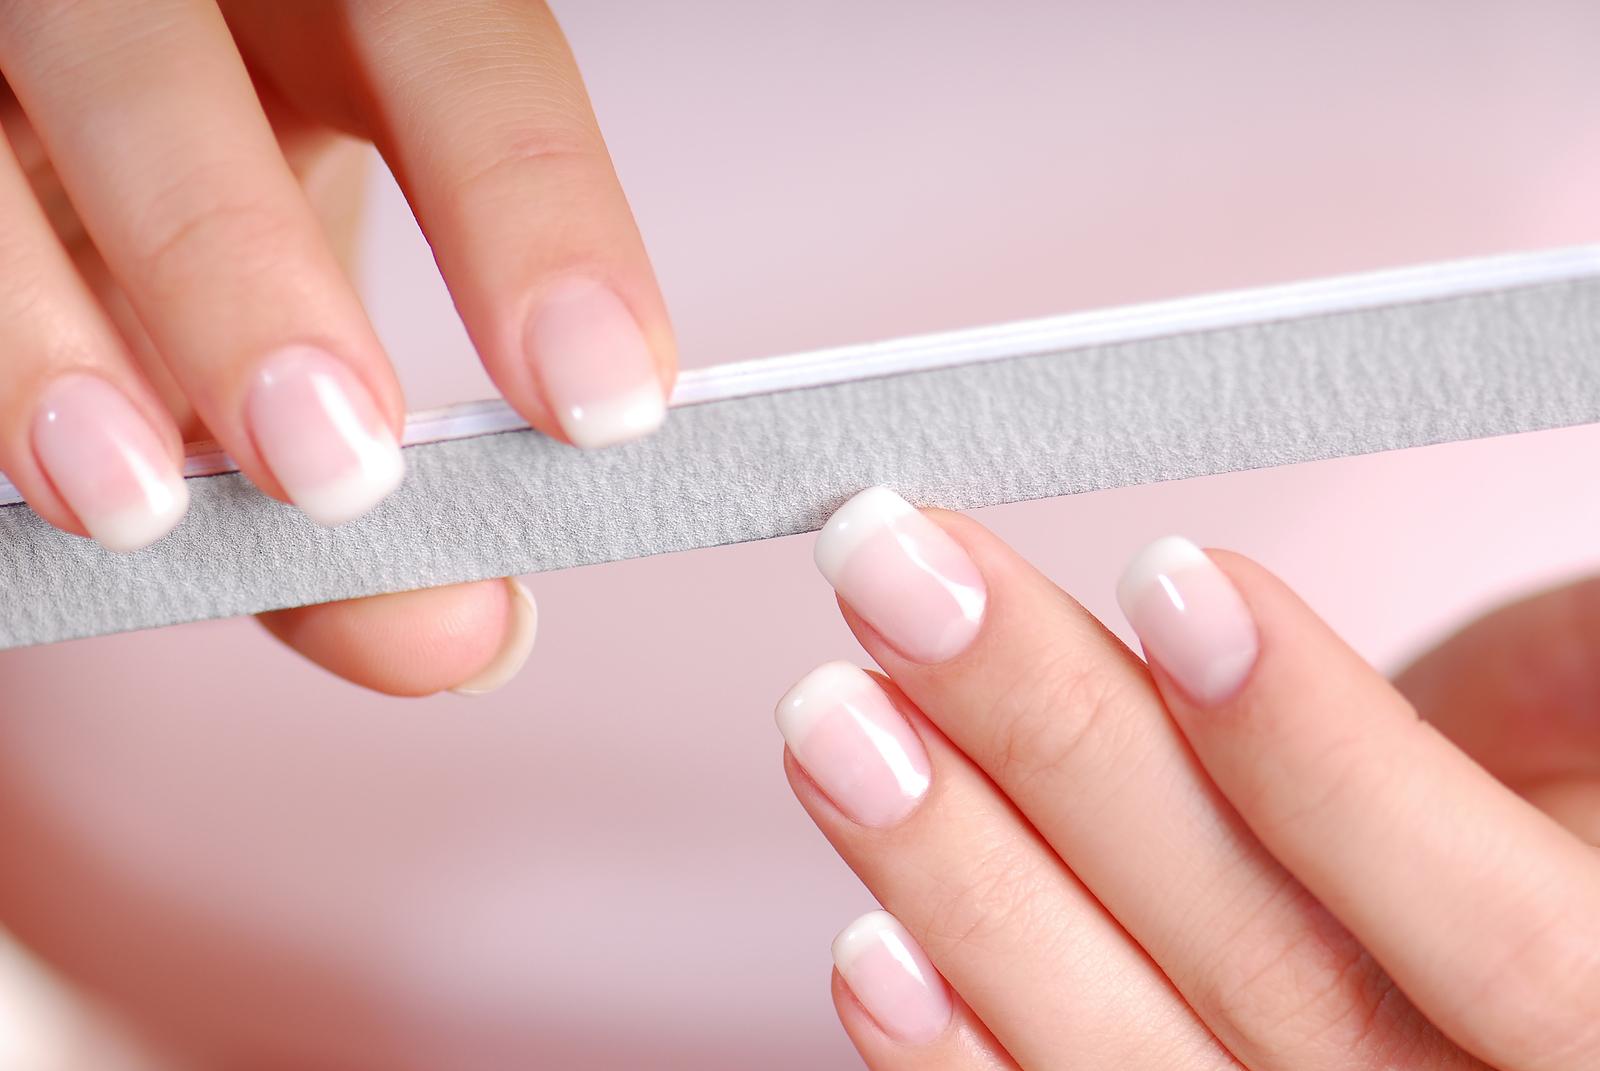 Необходимый уход для здоровья ногтей и рук.